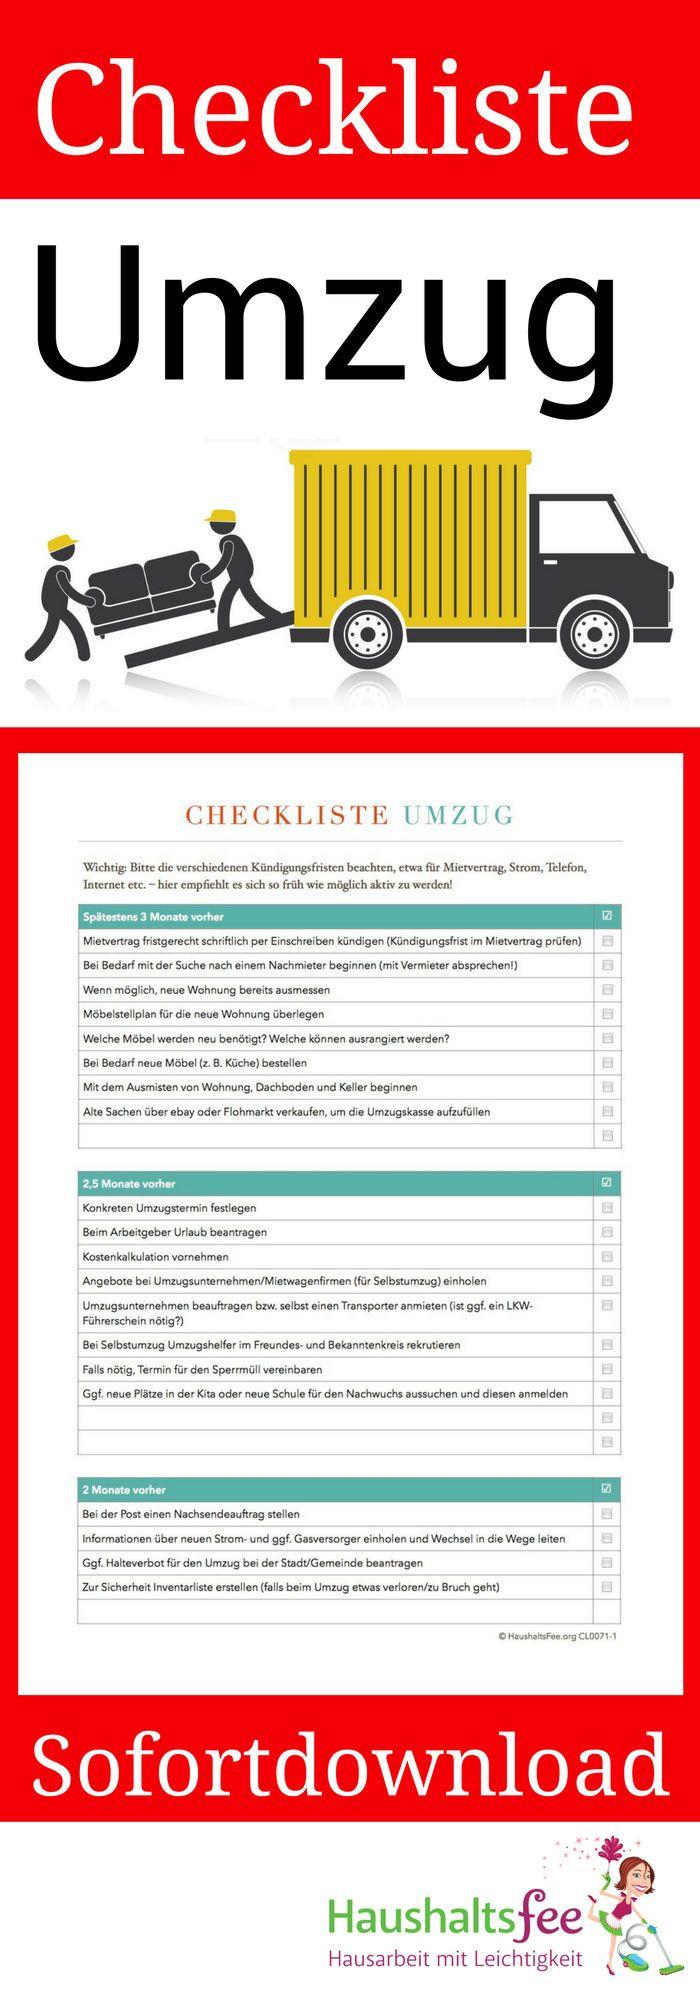 küchenplanung checkliste neu bild der bcdfefcadcabde jpg